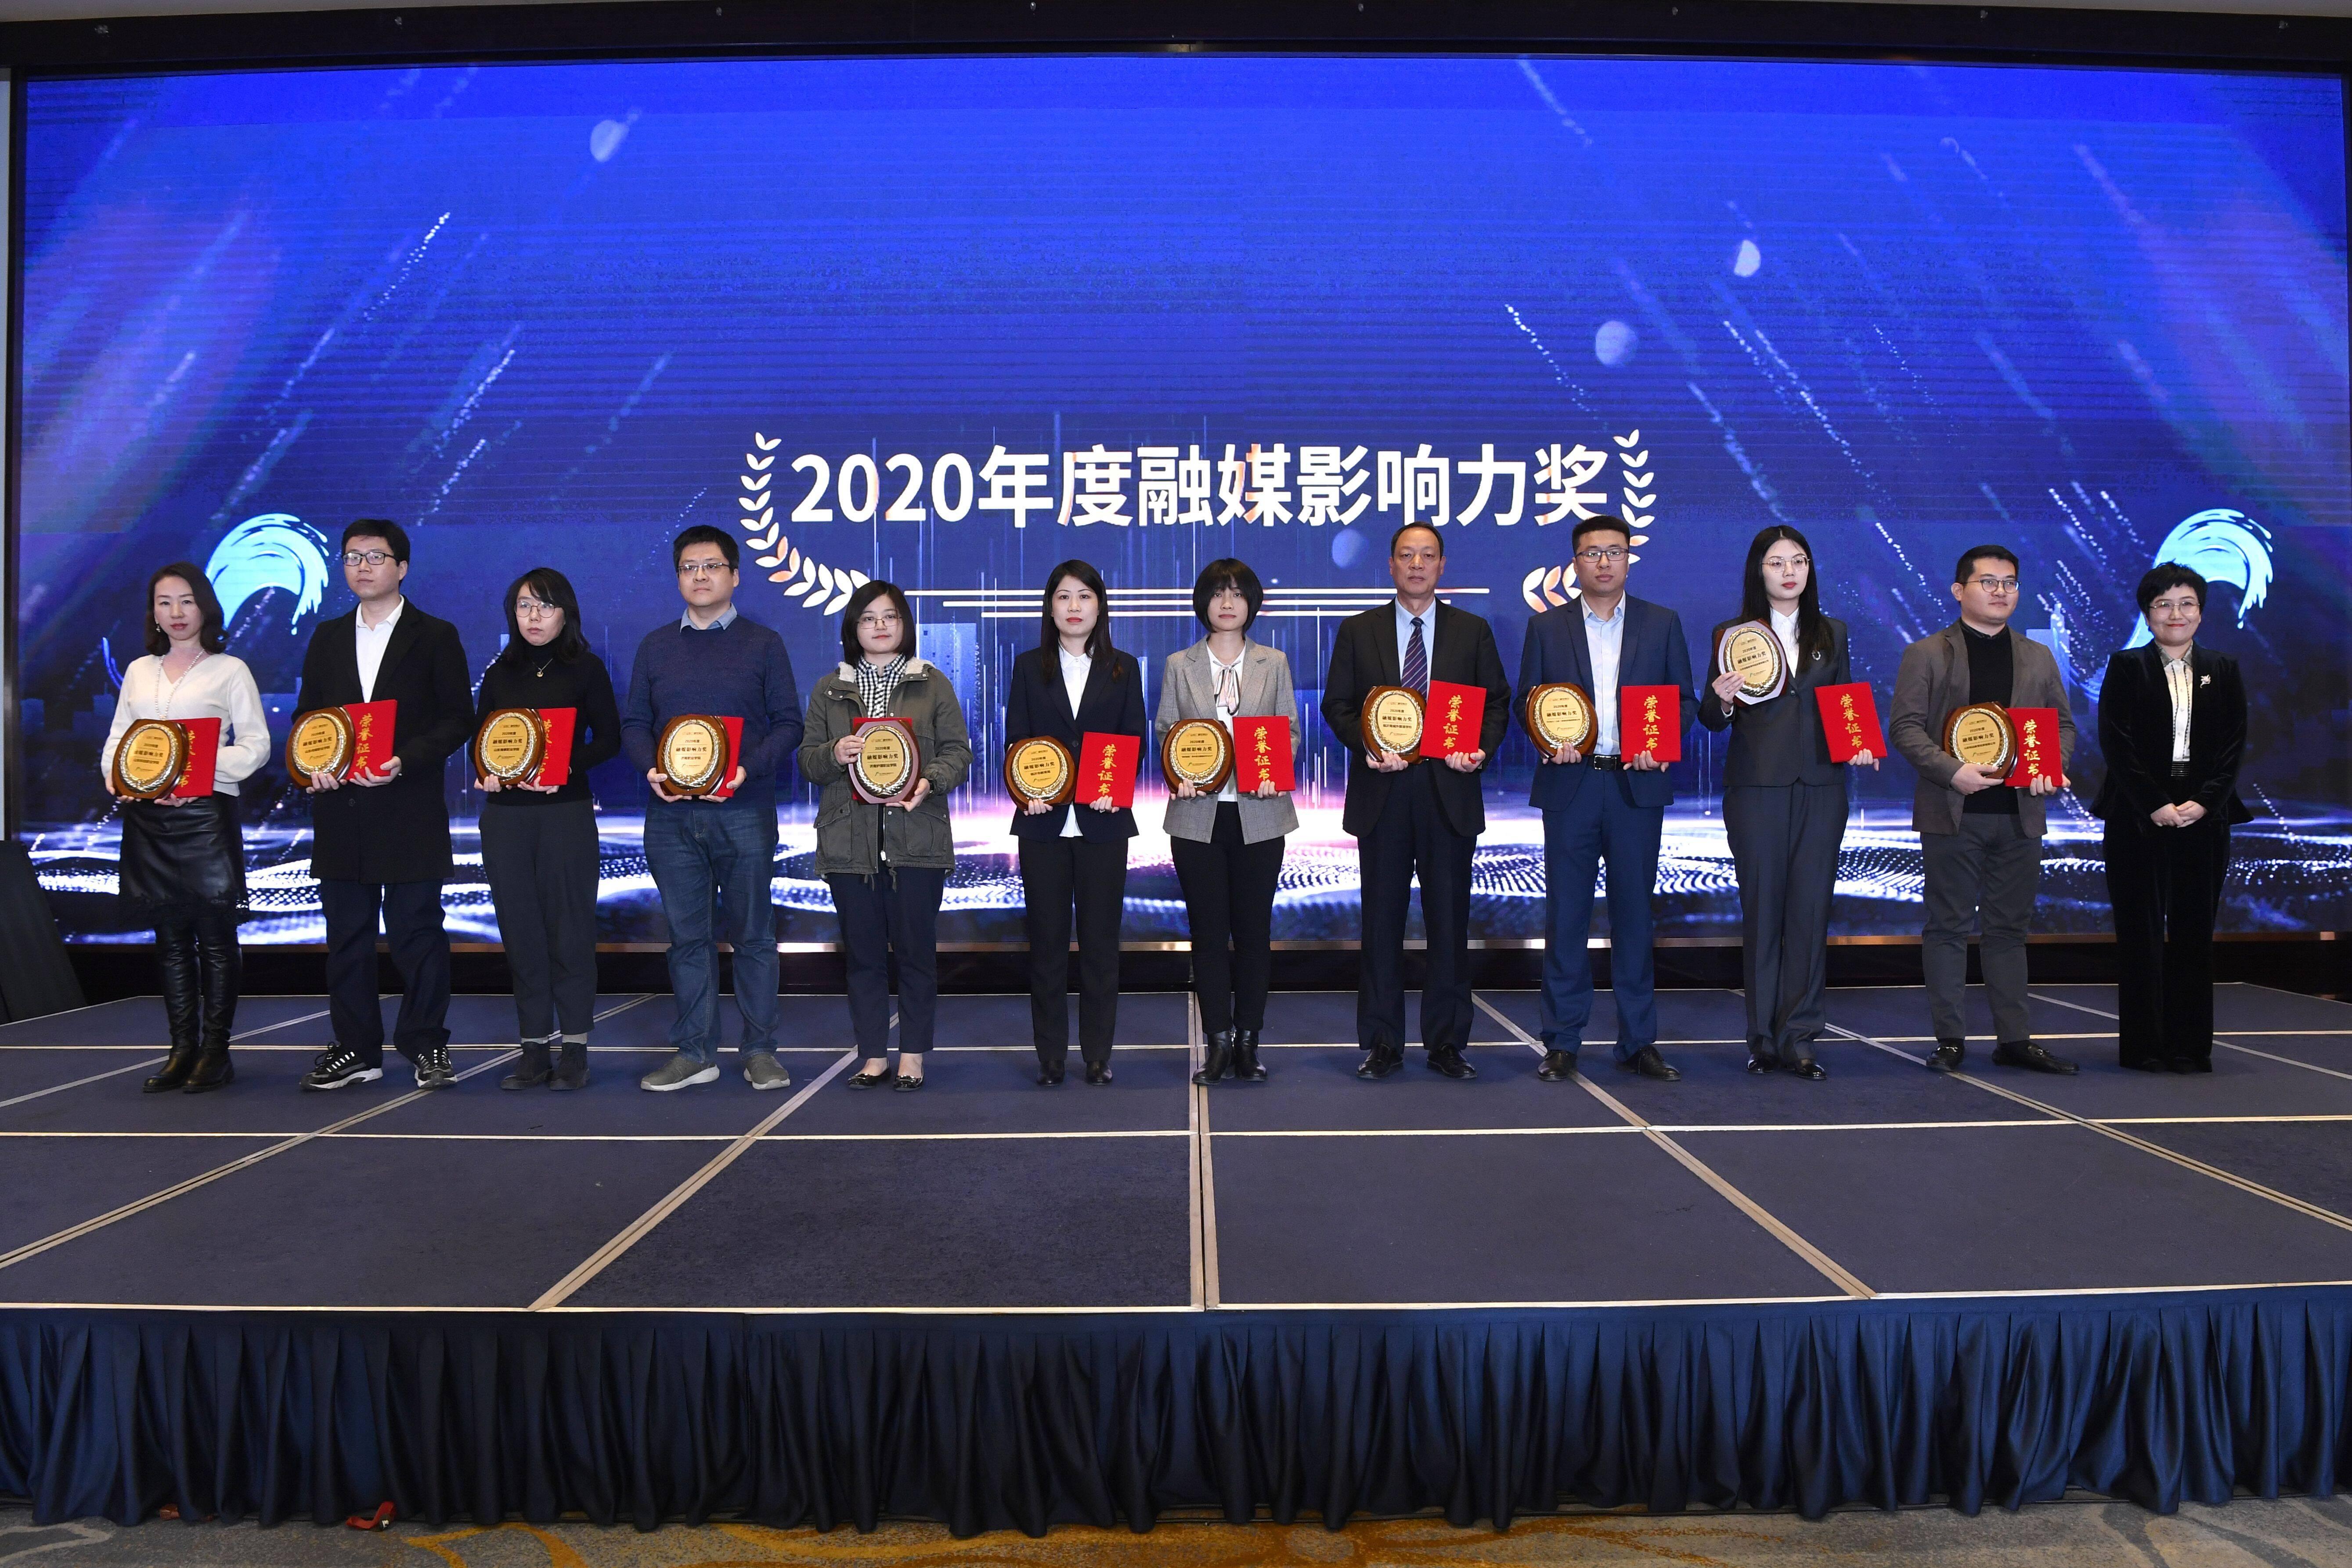 山东广电首届融媒影响力历山学院奖揭晓,这38家院校及单位上榜!